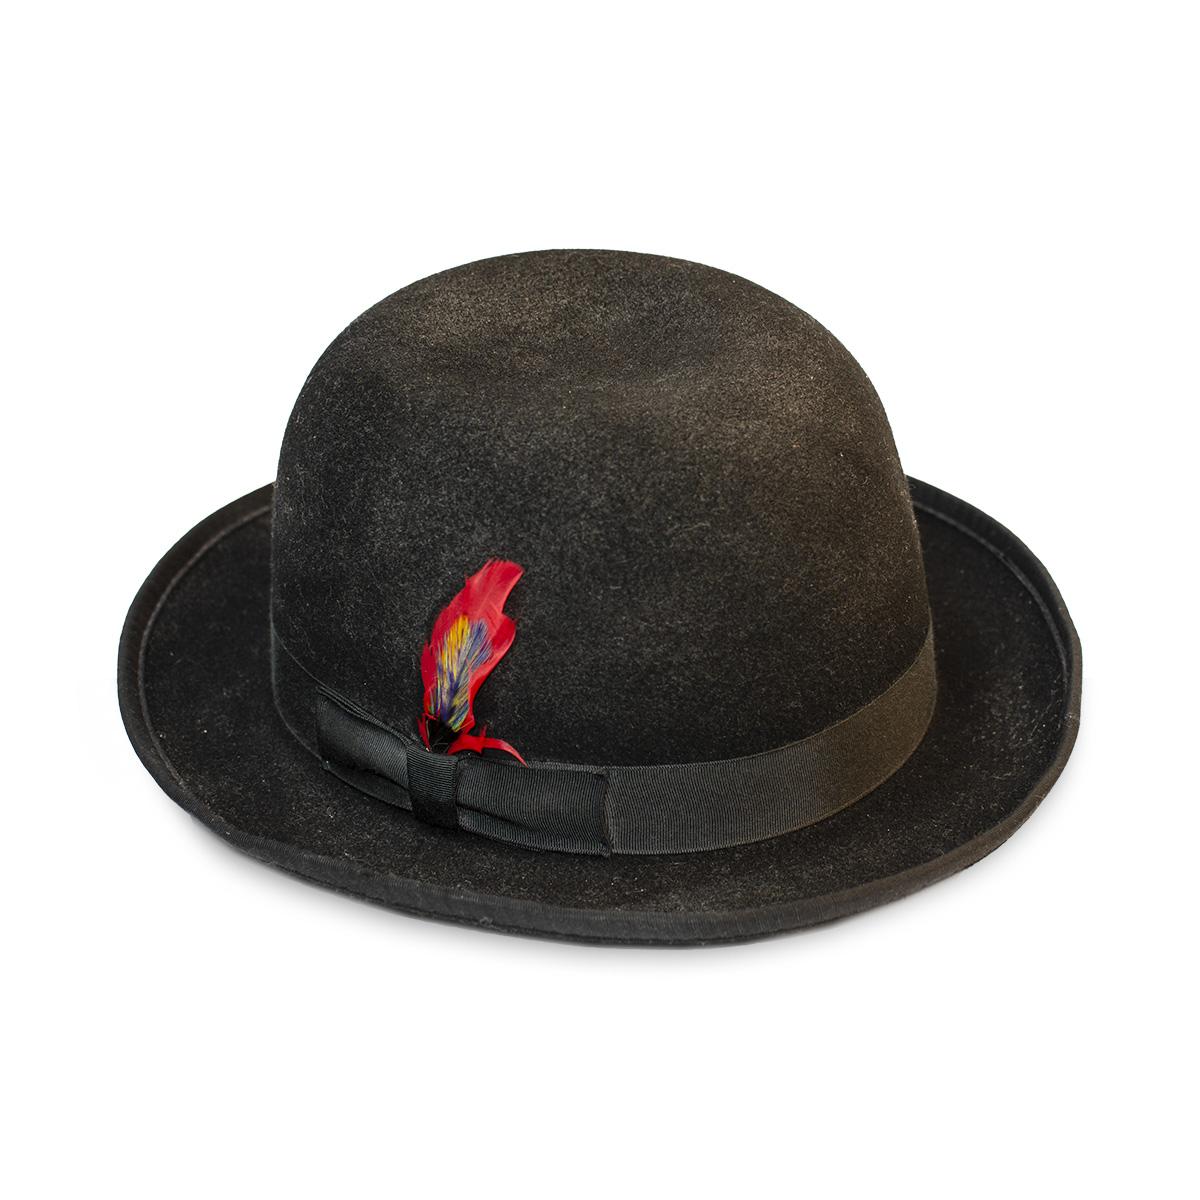 Vintage bowler hat